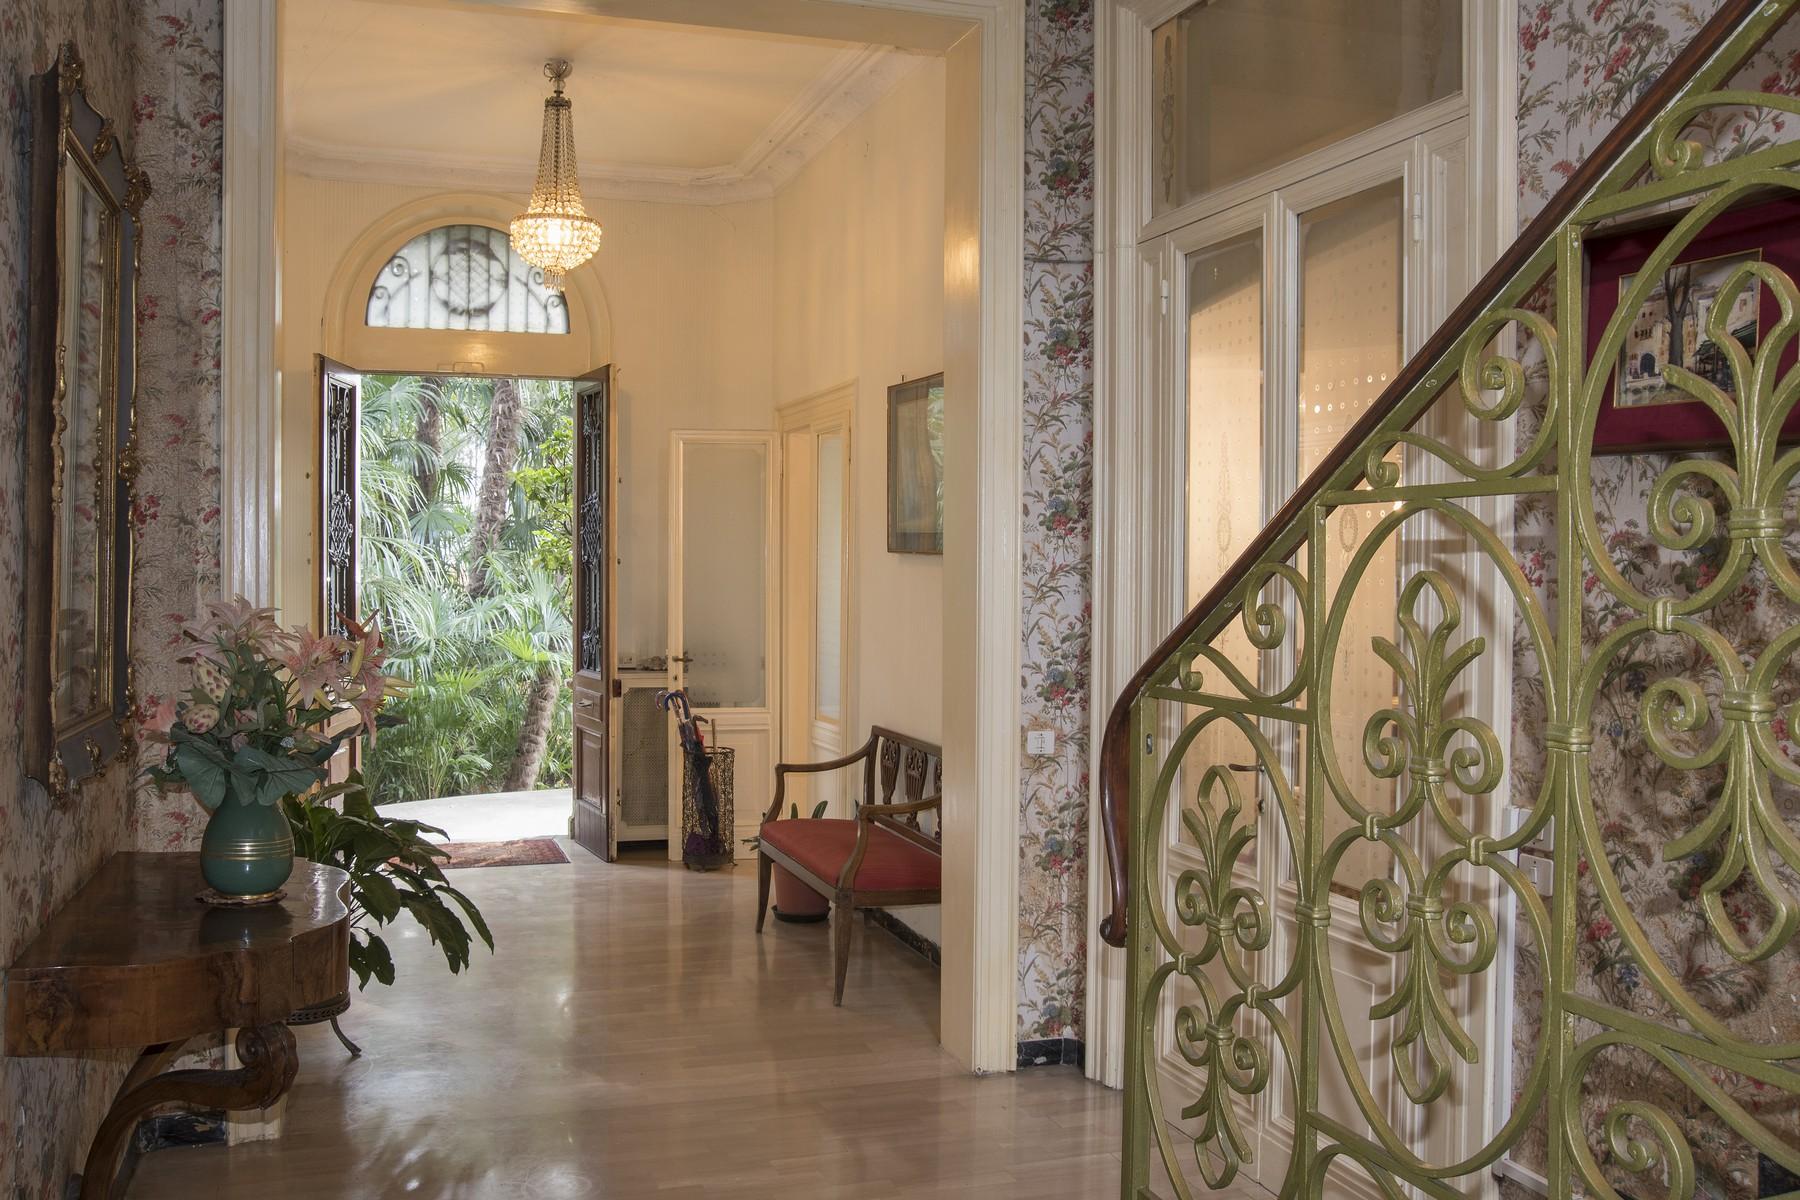 Villa in Vendita a Treviso: 5 locali, 460 mq - Foto 7